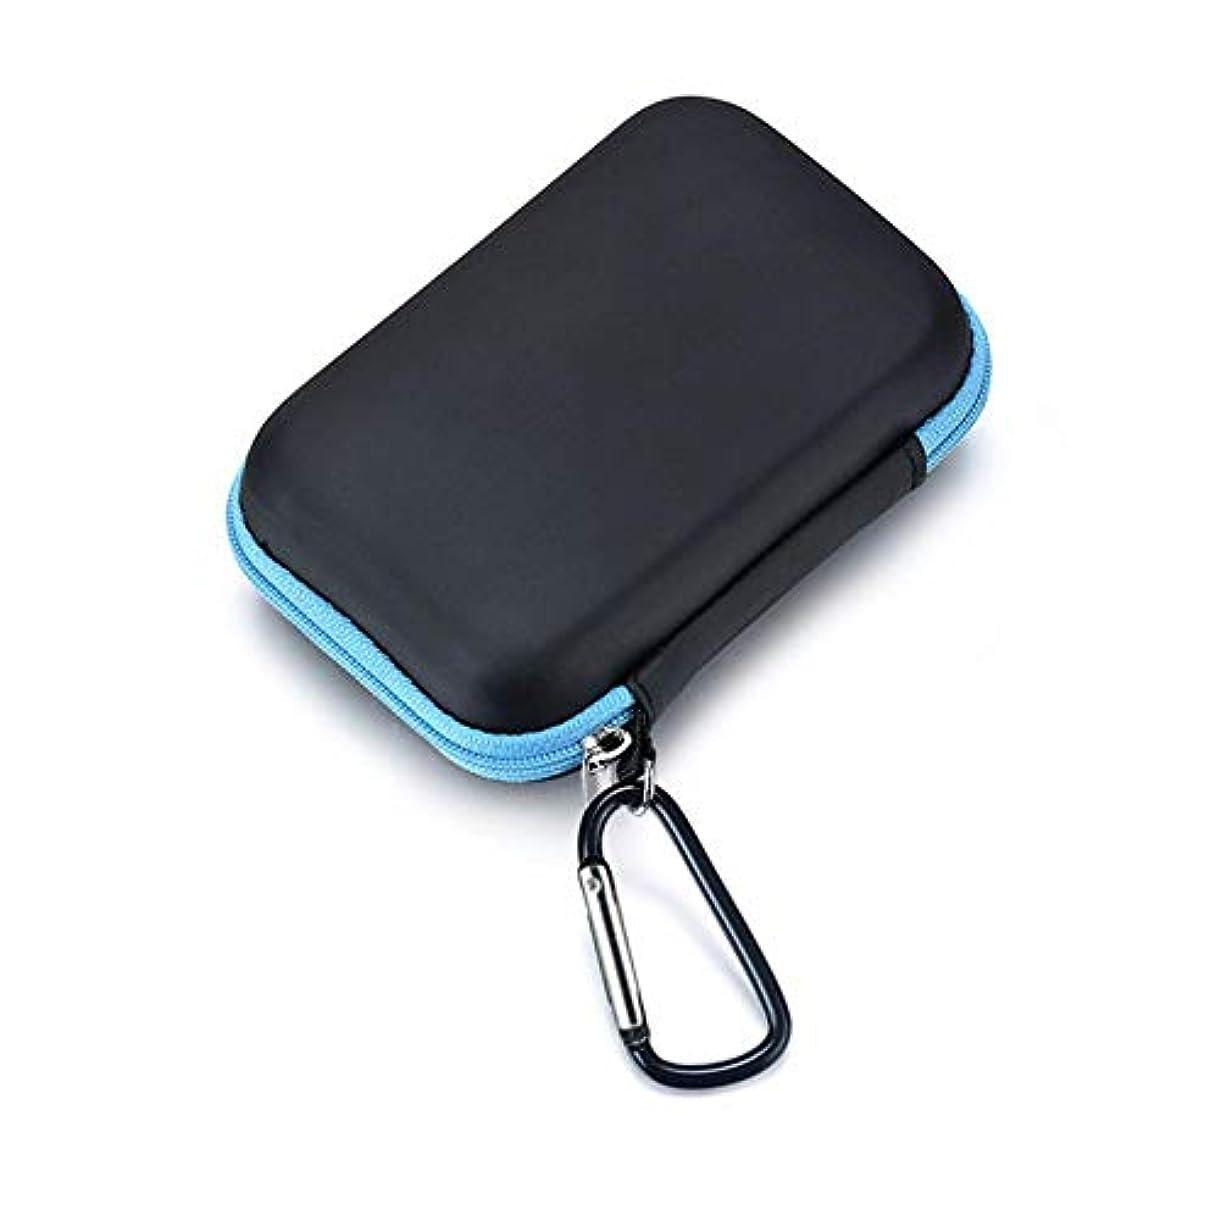 浴人物表面的なエッセンシャルオイル収納バッグ 収納ケース 携帯用ポーチ EVA製 15本入り 1ml?2ml?3mlの精油ボルトに対応 junexi